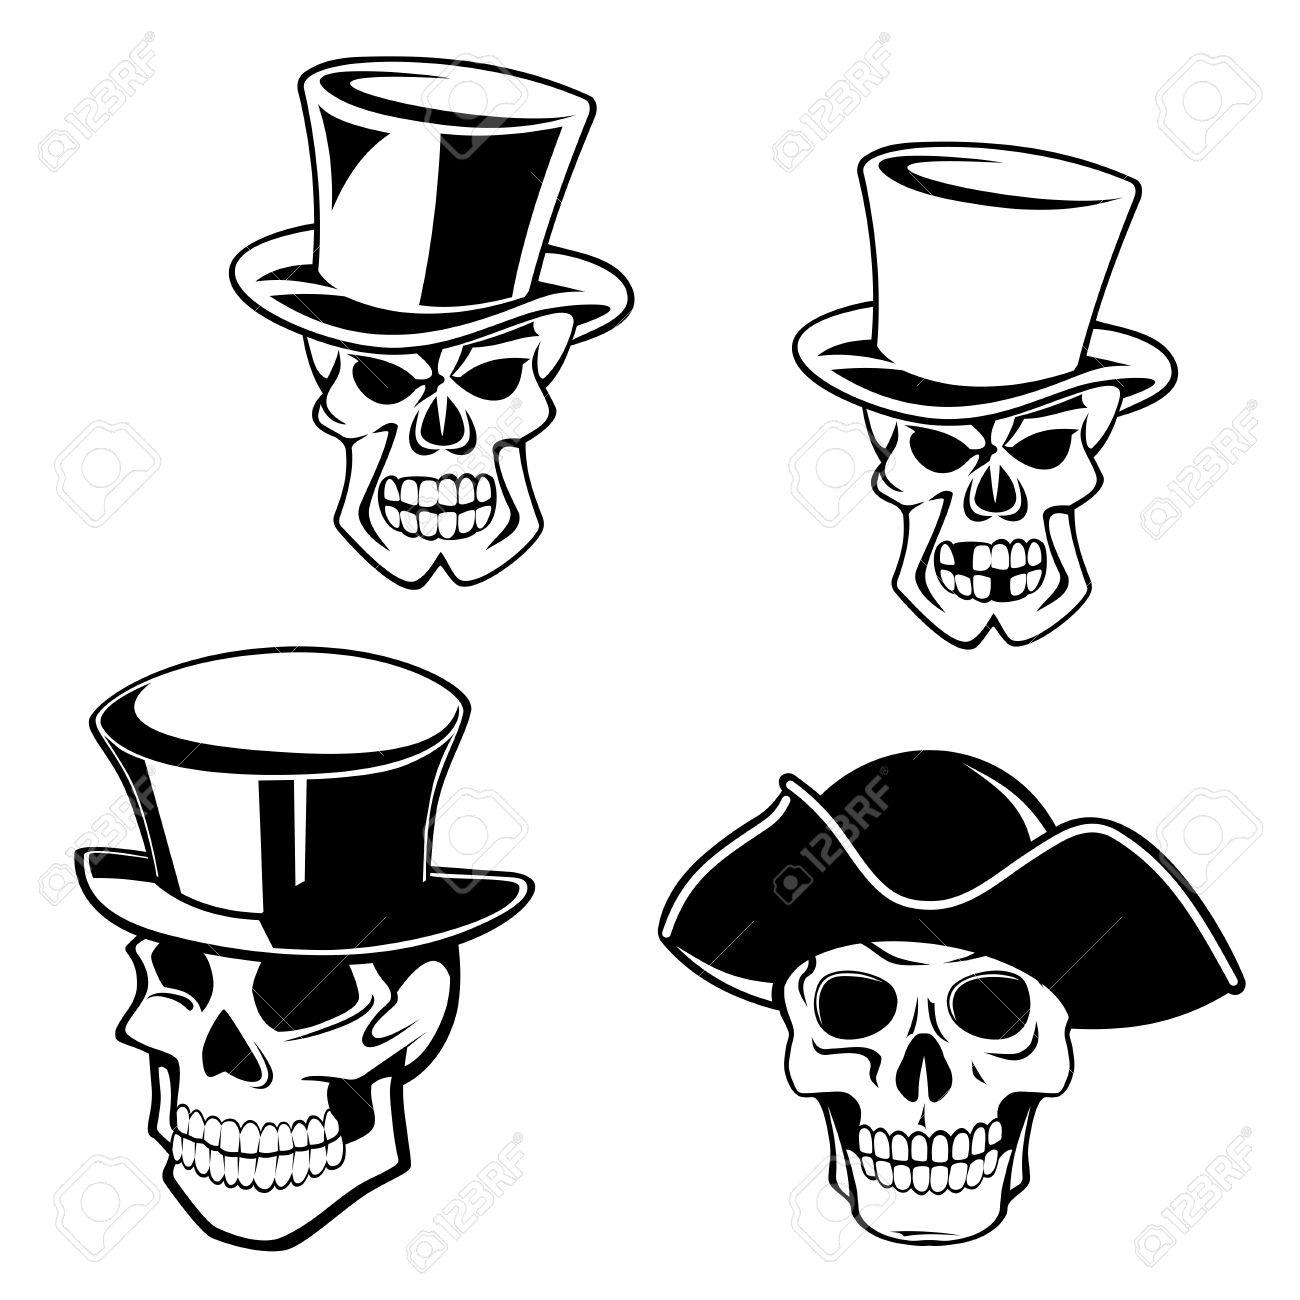 Cráneos de dibujos animados con sombreros de copa retro y sombrero de  capitán pirata en colores 87cd3162e48